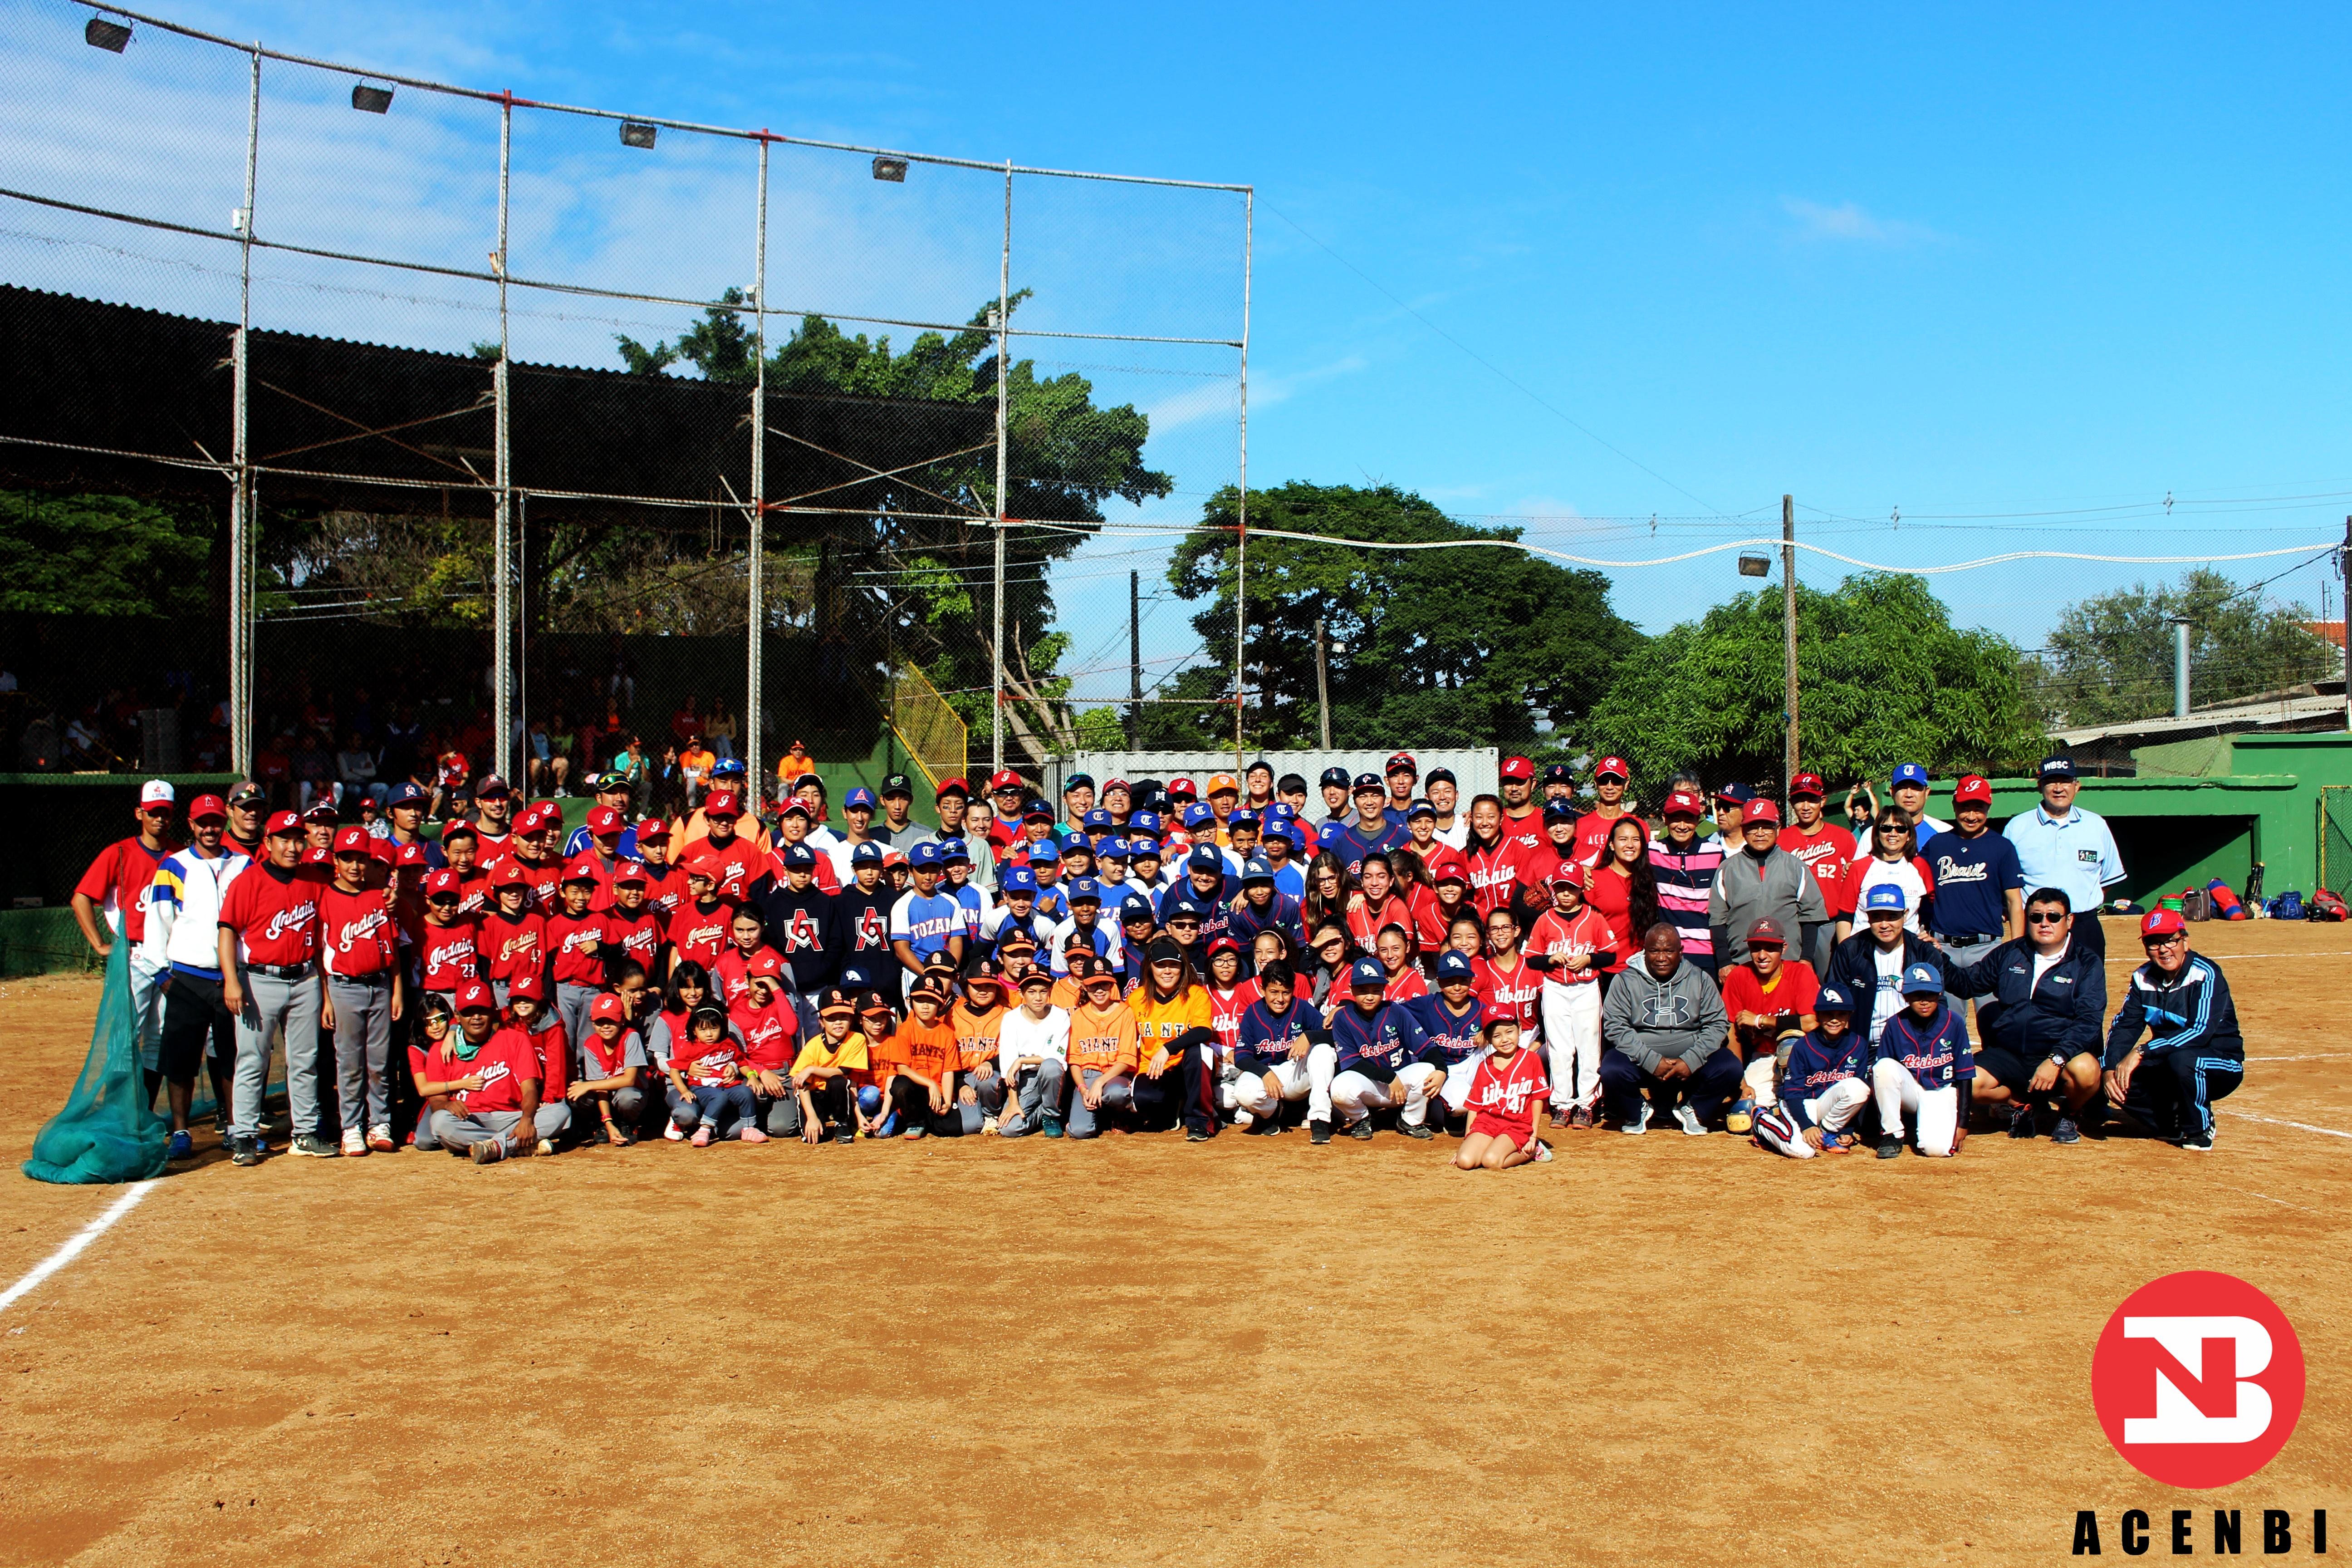 ブラジルにおける日本の国際協力60周年記念行事・・・